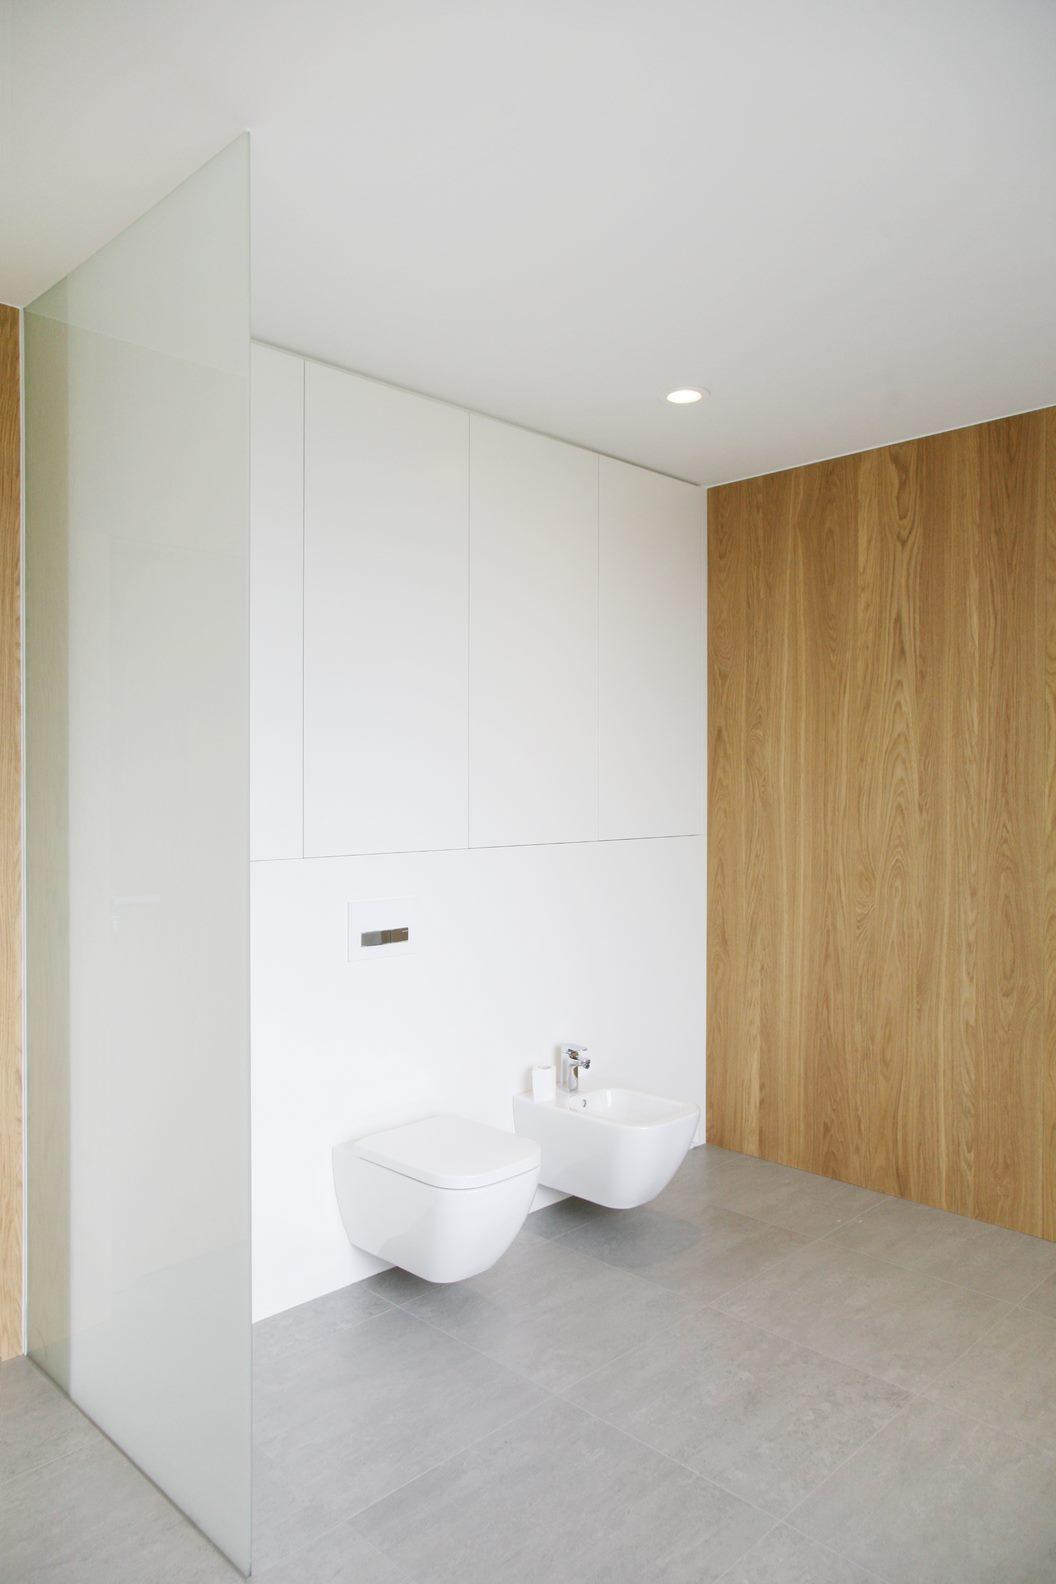 Toaleta i bidet dostosowane dla dzieci